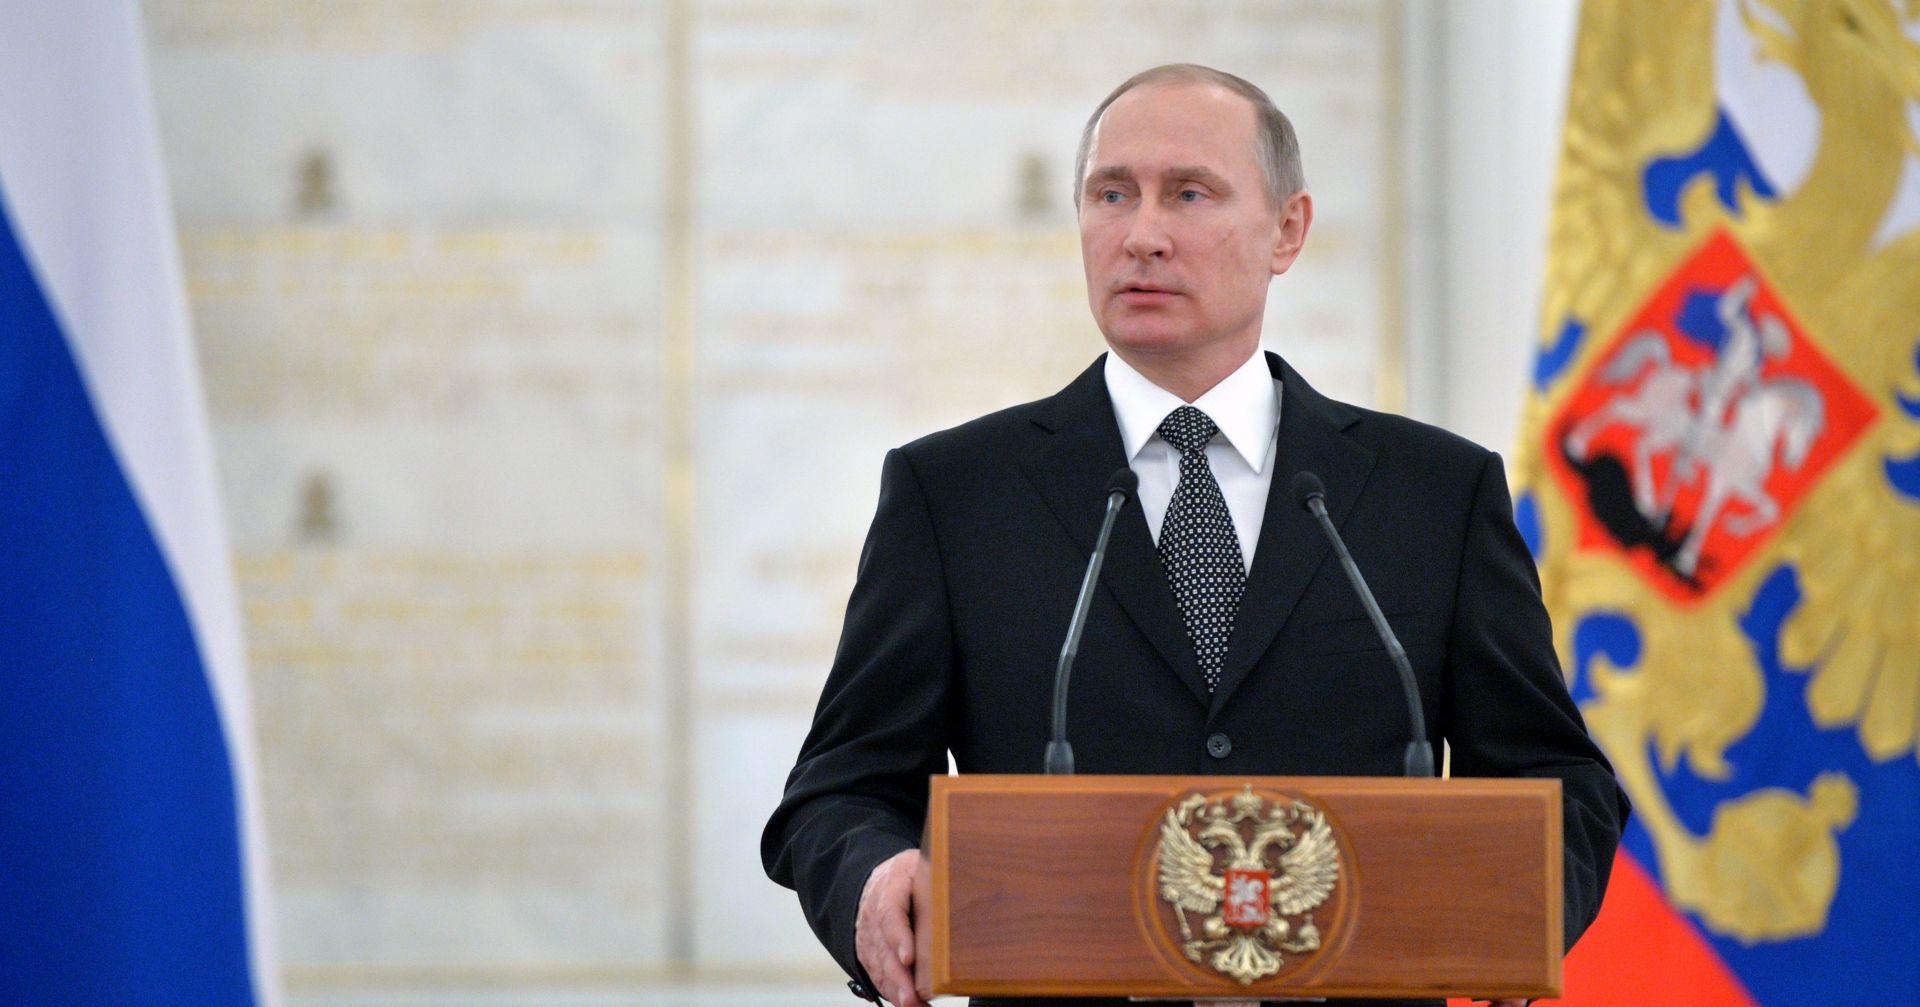 """Putinov neslužbeni posjet Sloveniji trebao bi proteći u znaku zagovaranja """"svjetskog mira"""""""